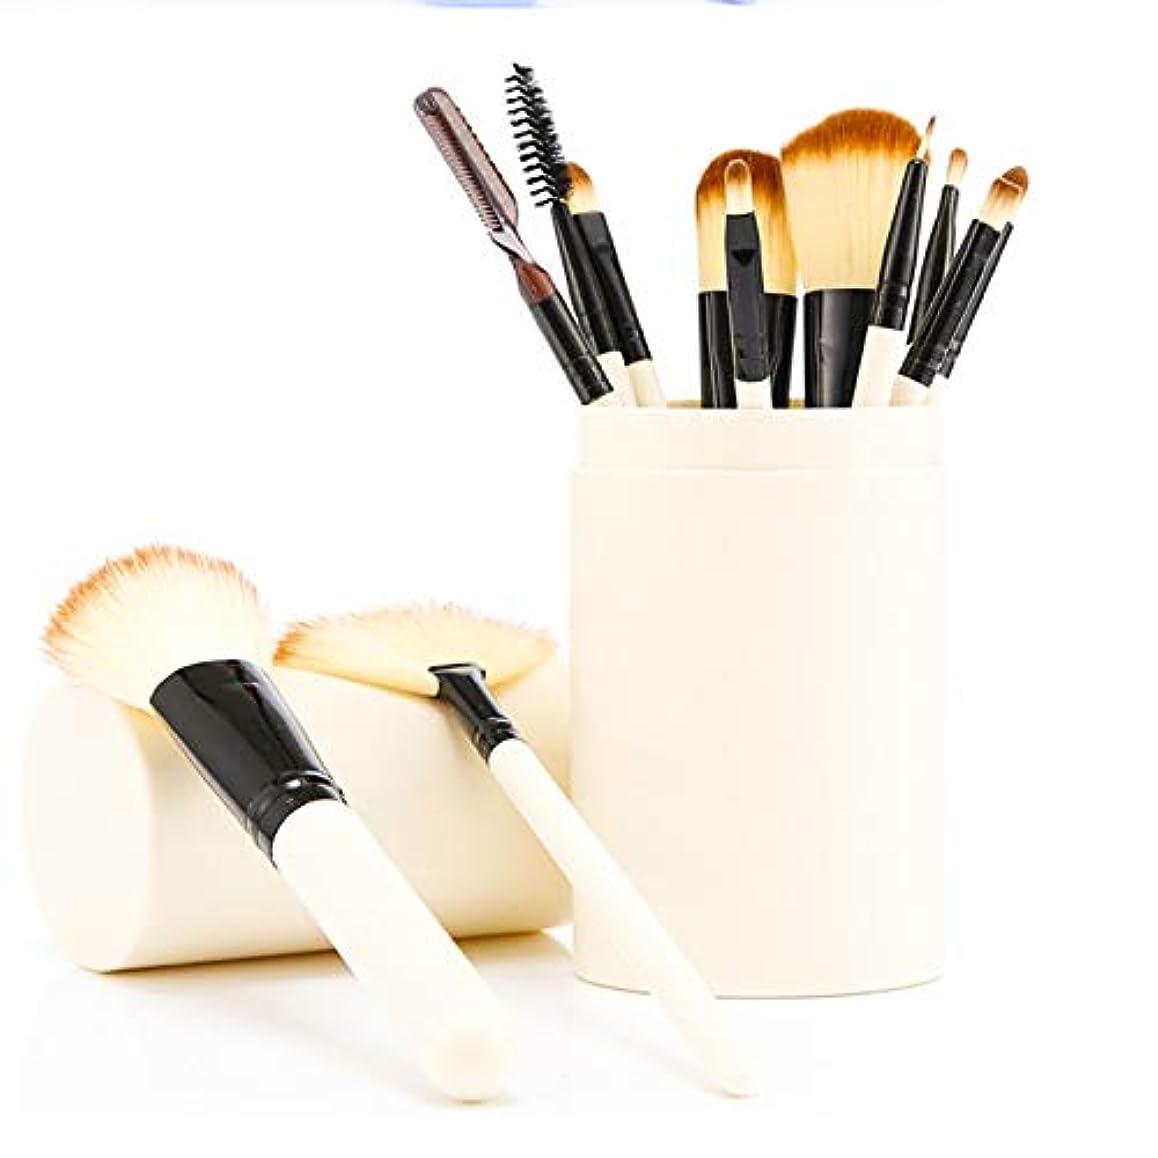 おとなしいカナダマッサージソフトで残酷のない合成繊維剛毛とローズゴールドのディテールが施された化粧ブラシセット12本のプロフェッショナルな化粧ブラシ - エレガントなPUレザーポーチが含まれています (Color : Natural)